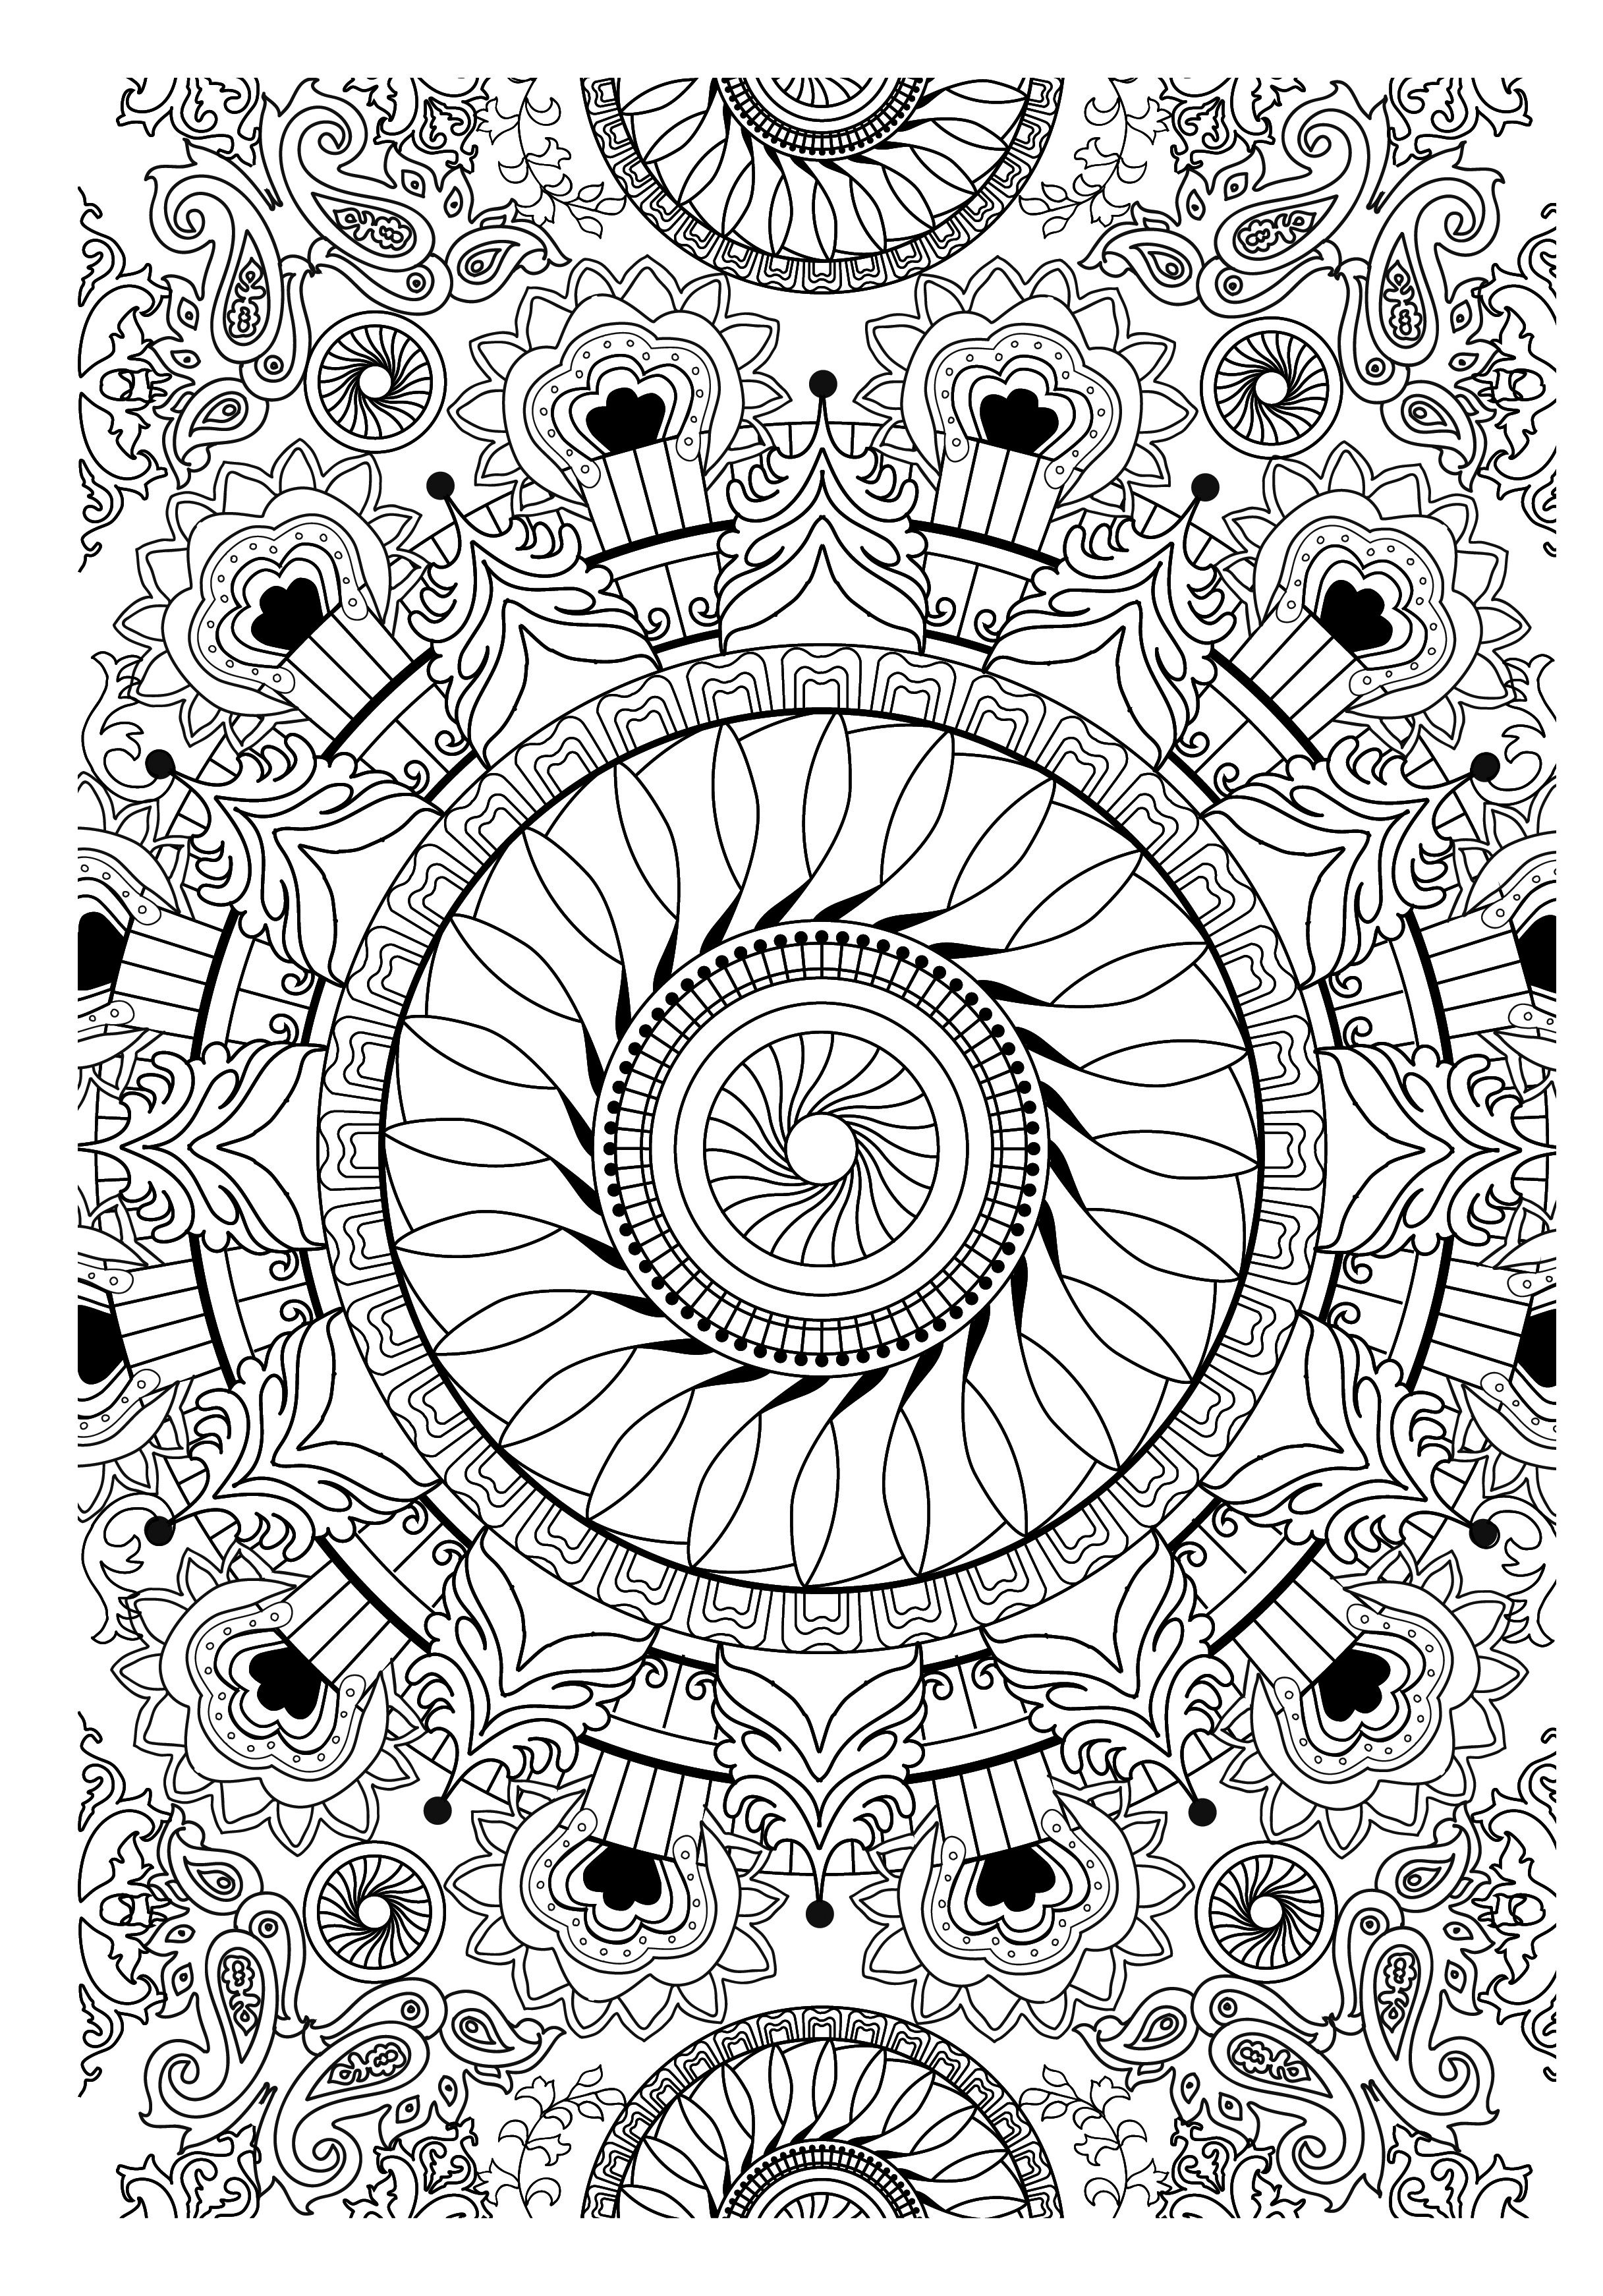 Coloriage anti stress pour adulte recherche google coloriage adult coloring pages mandala - Mandala adulte ...